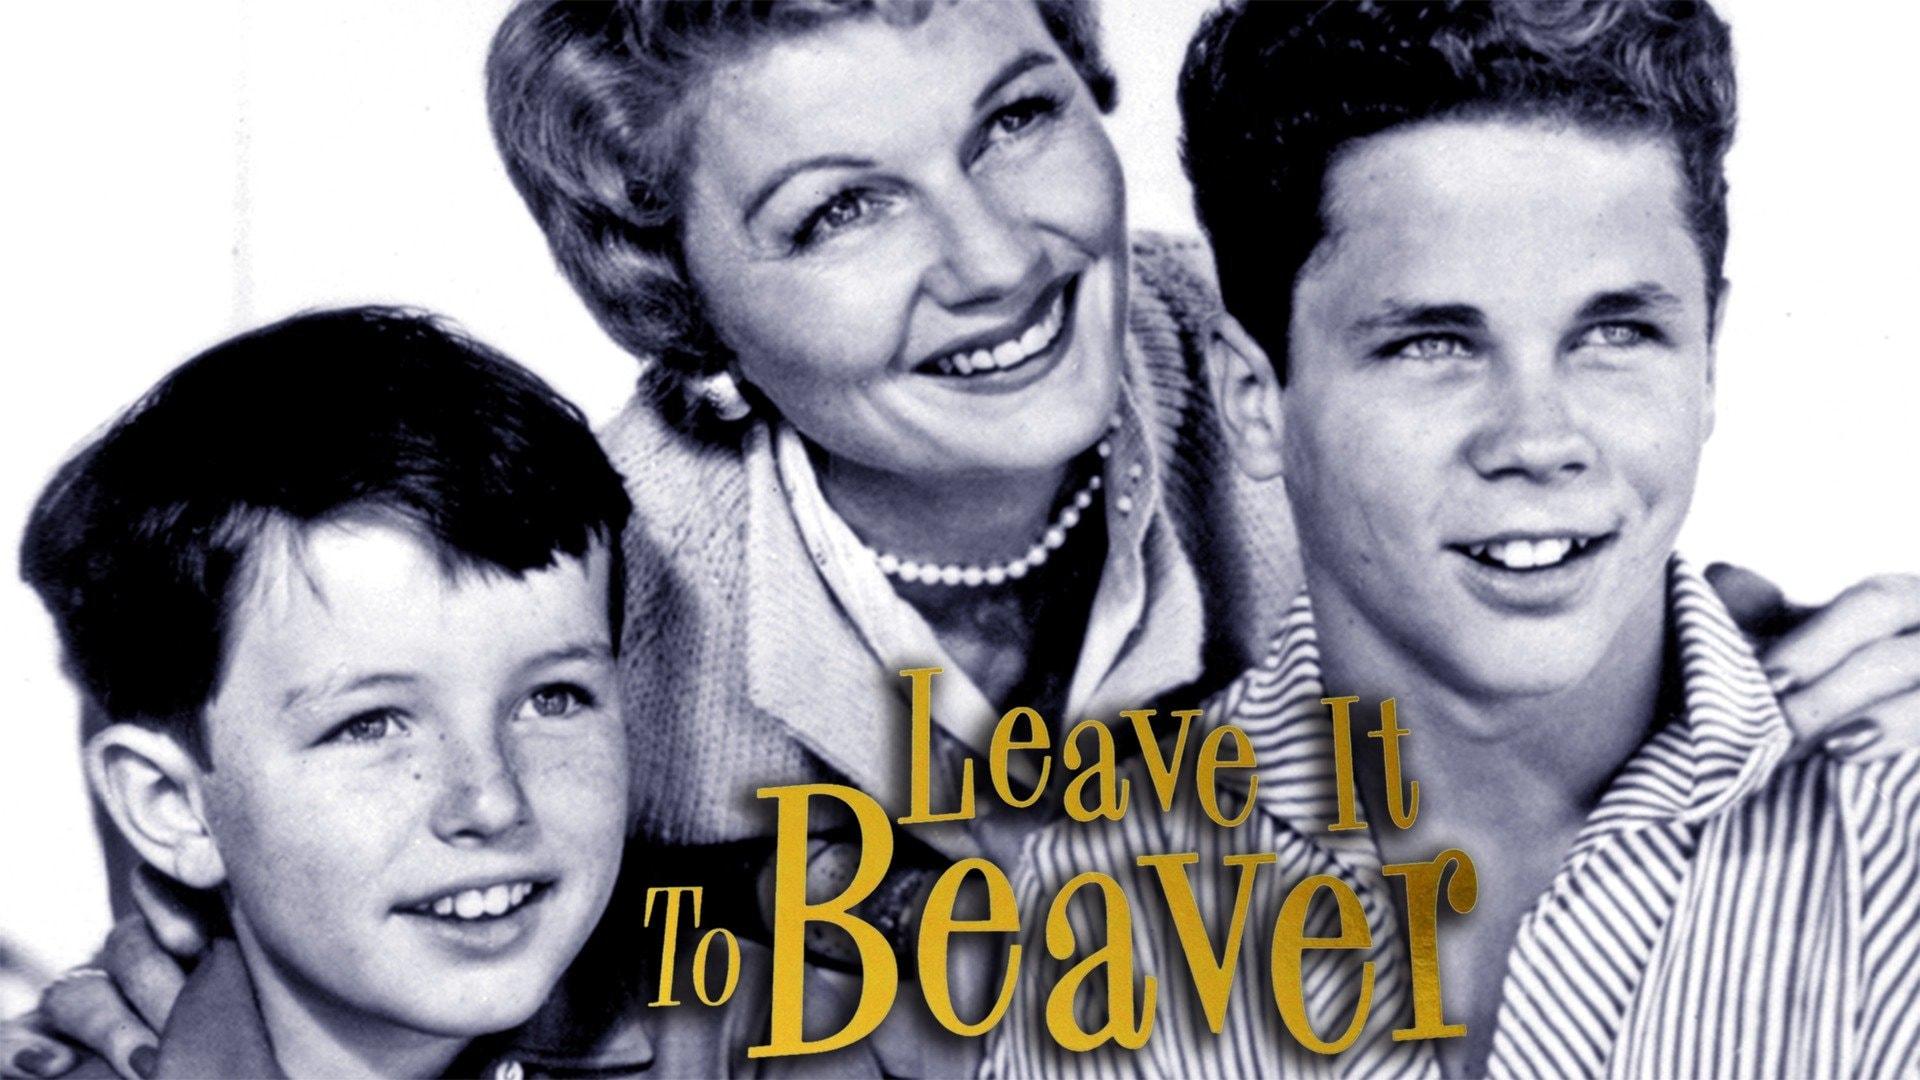 Beaver's IQ